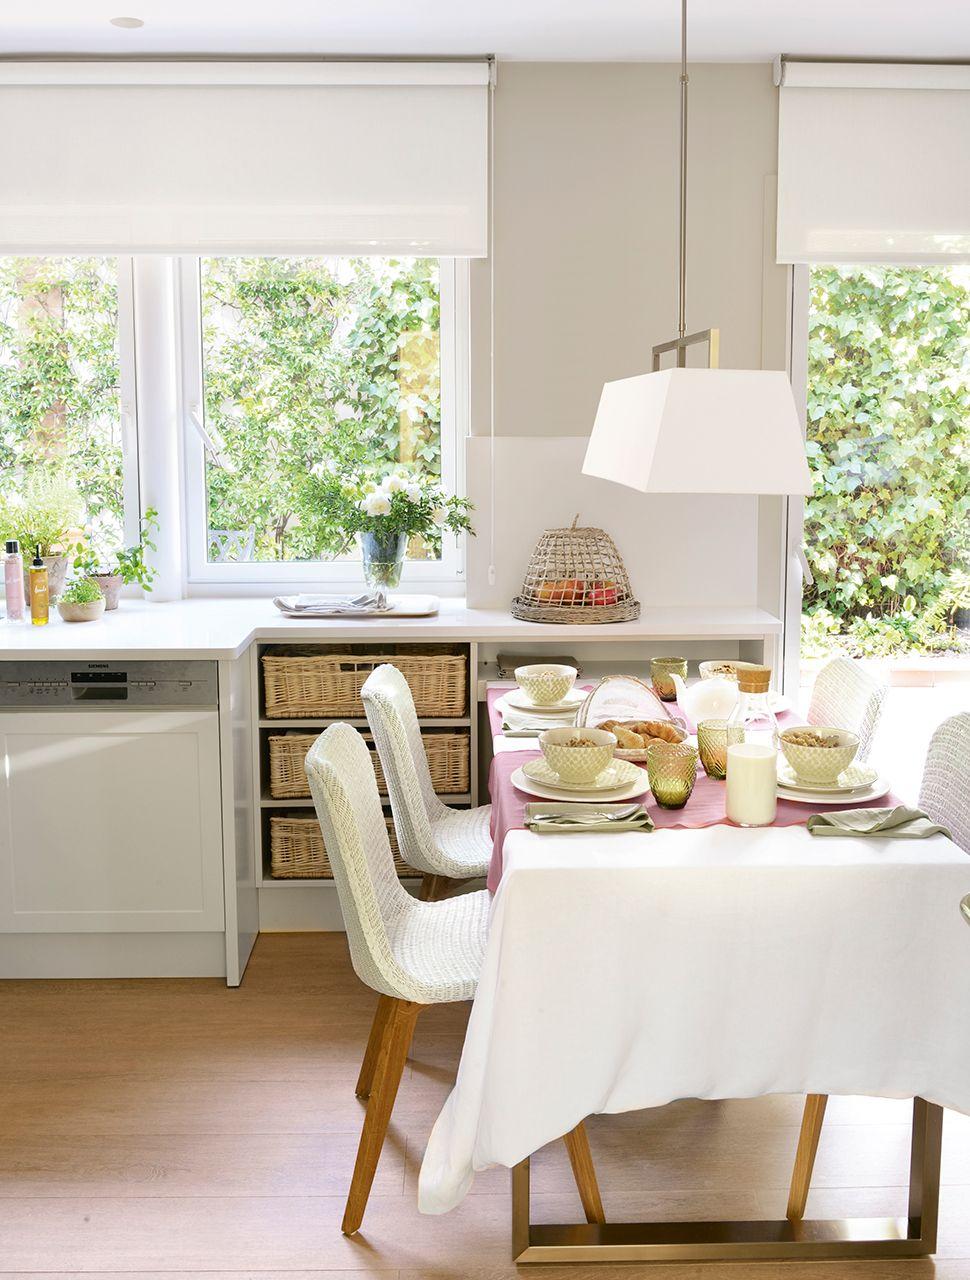 Office dentro de la cocina con mantelera sillas de fibra lmpara